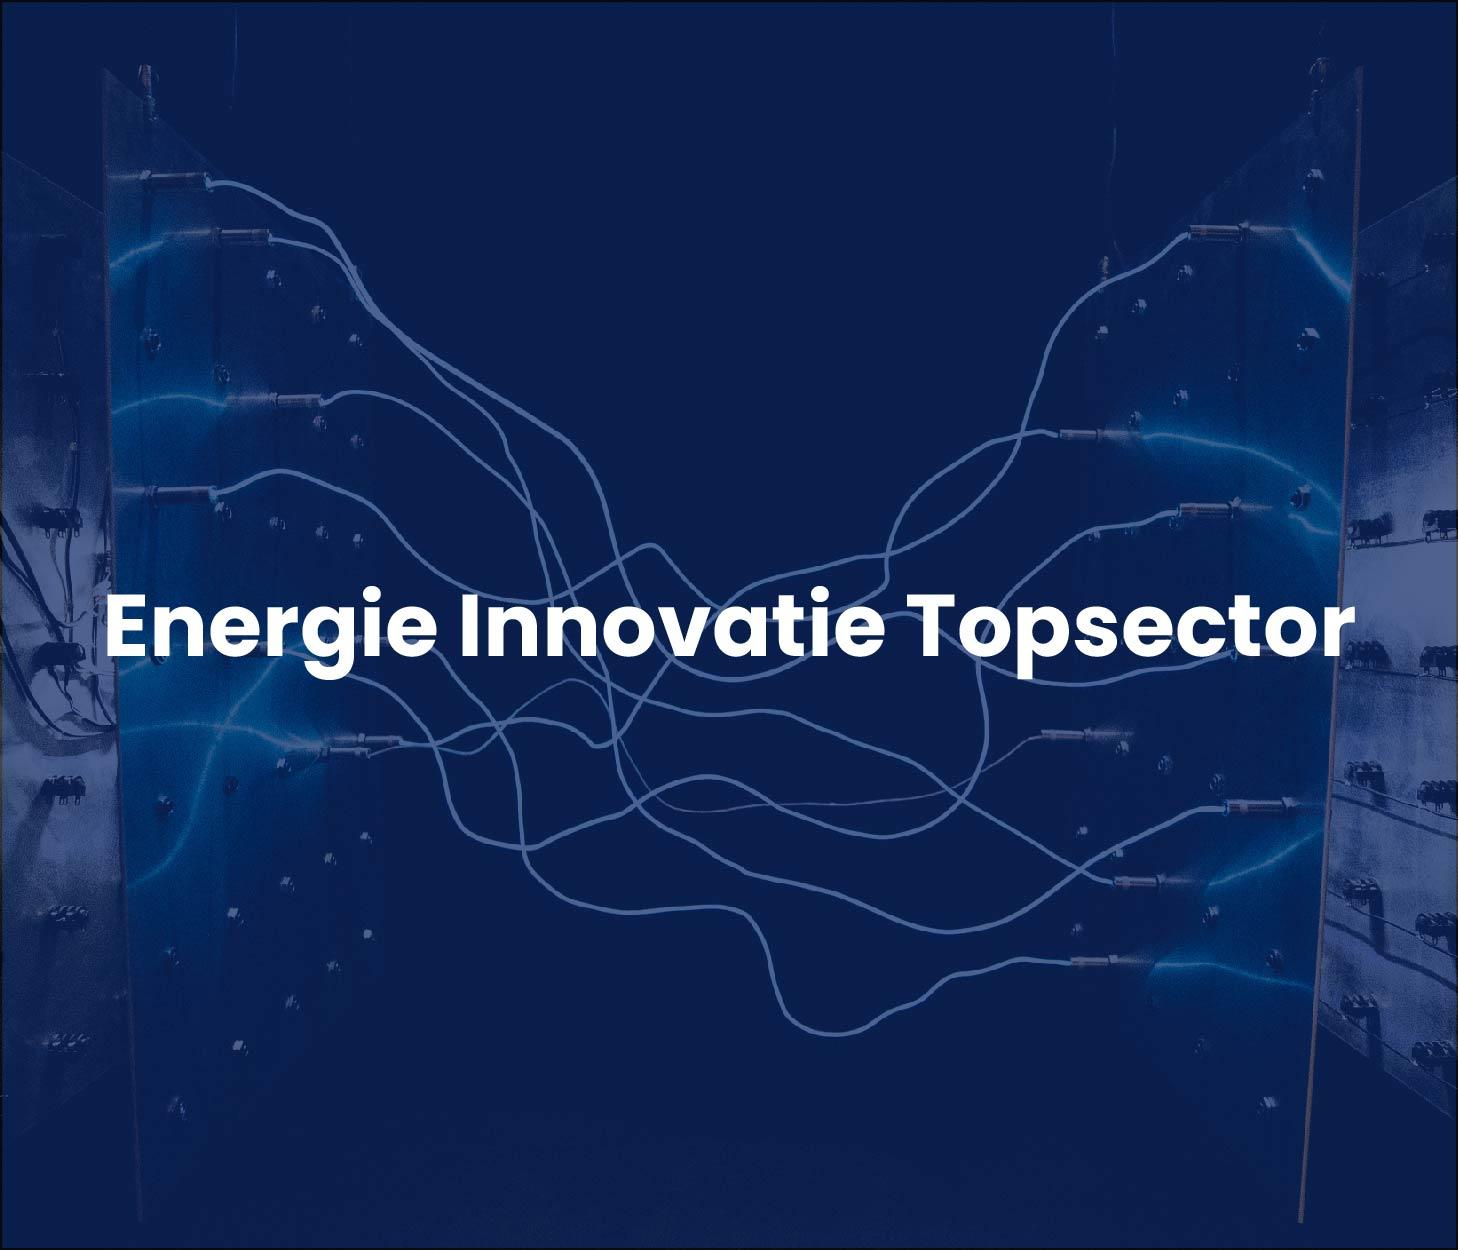 Energie Innovatie Topsector